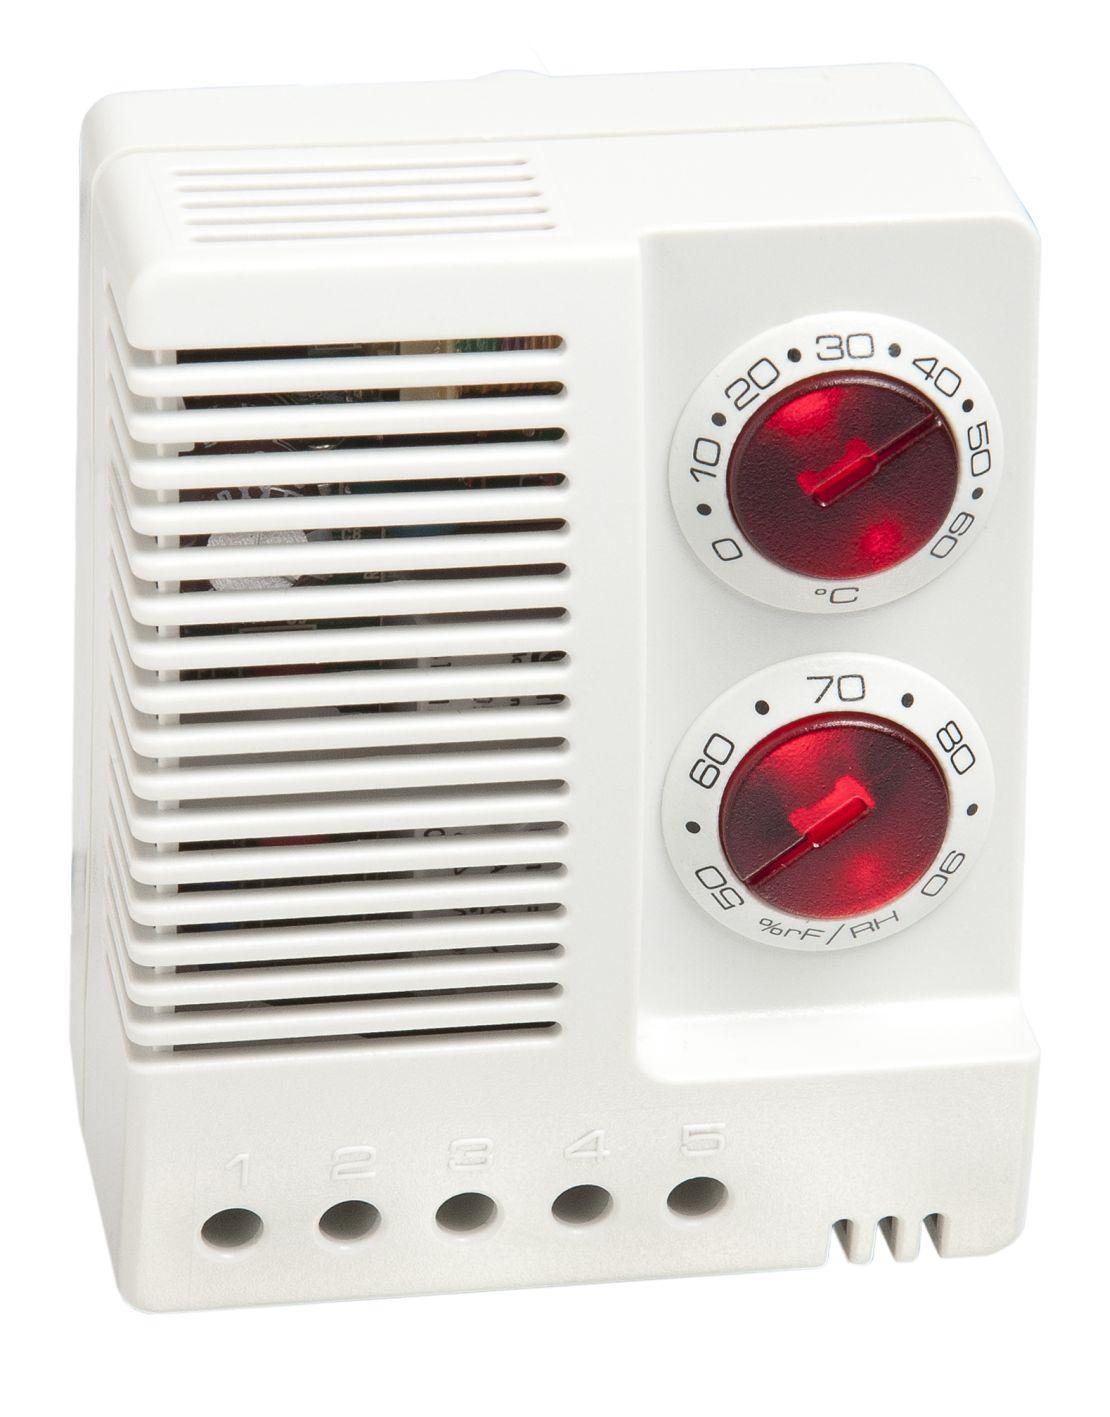 1 Stk Elektronischer Feuchtigkeits- und Temperaturregler IU008560-A